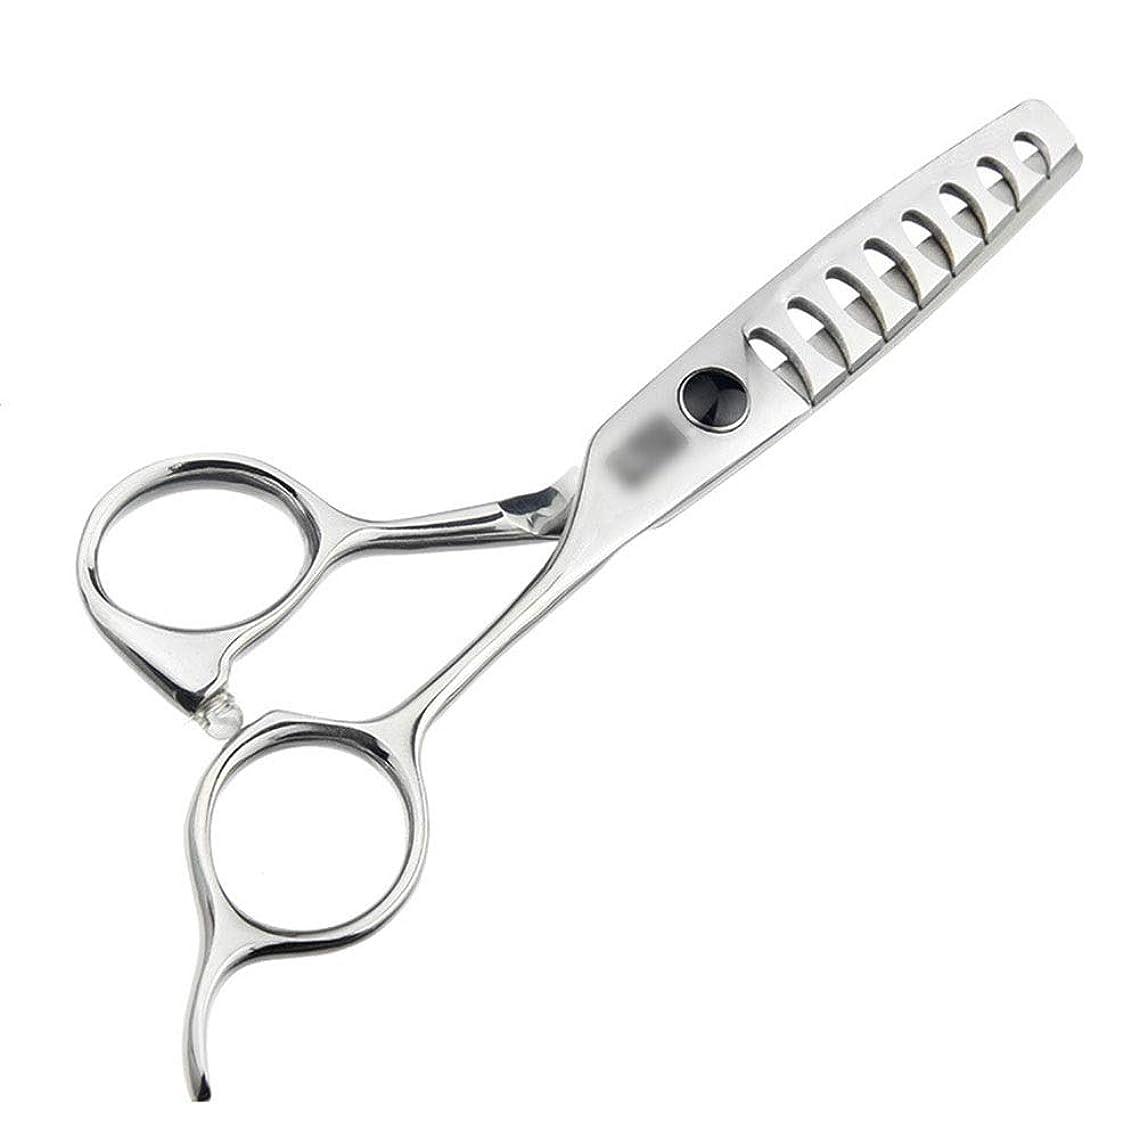 知恵置くためにパック限り5.5インチの散髪の上限の魚の骨のはさみ、継ぎ目が無い毛のはさみ モデリングツール (色 : Silver)